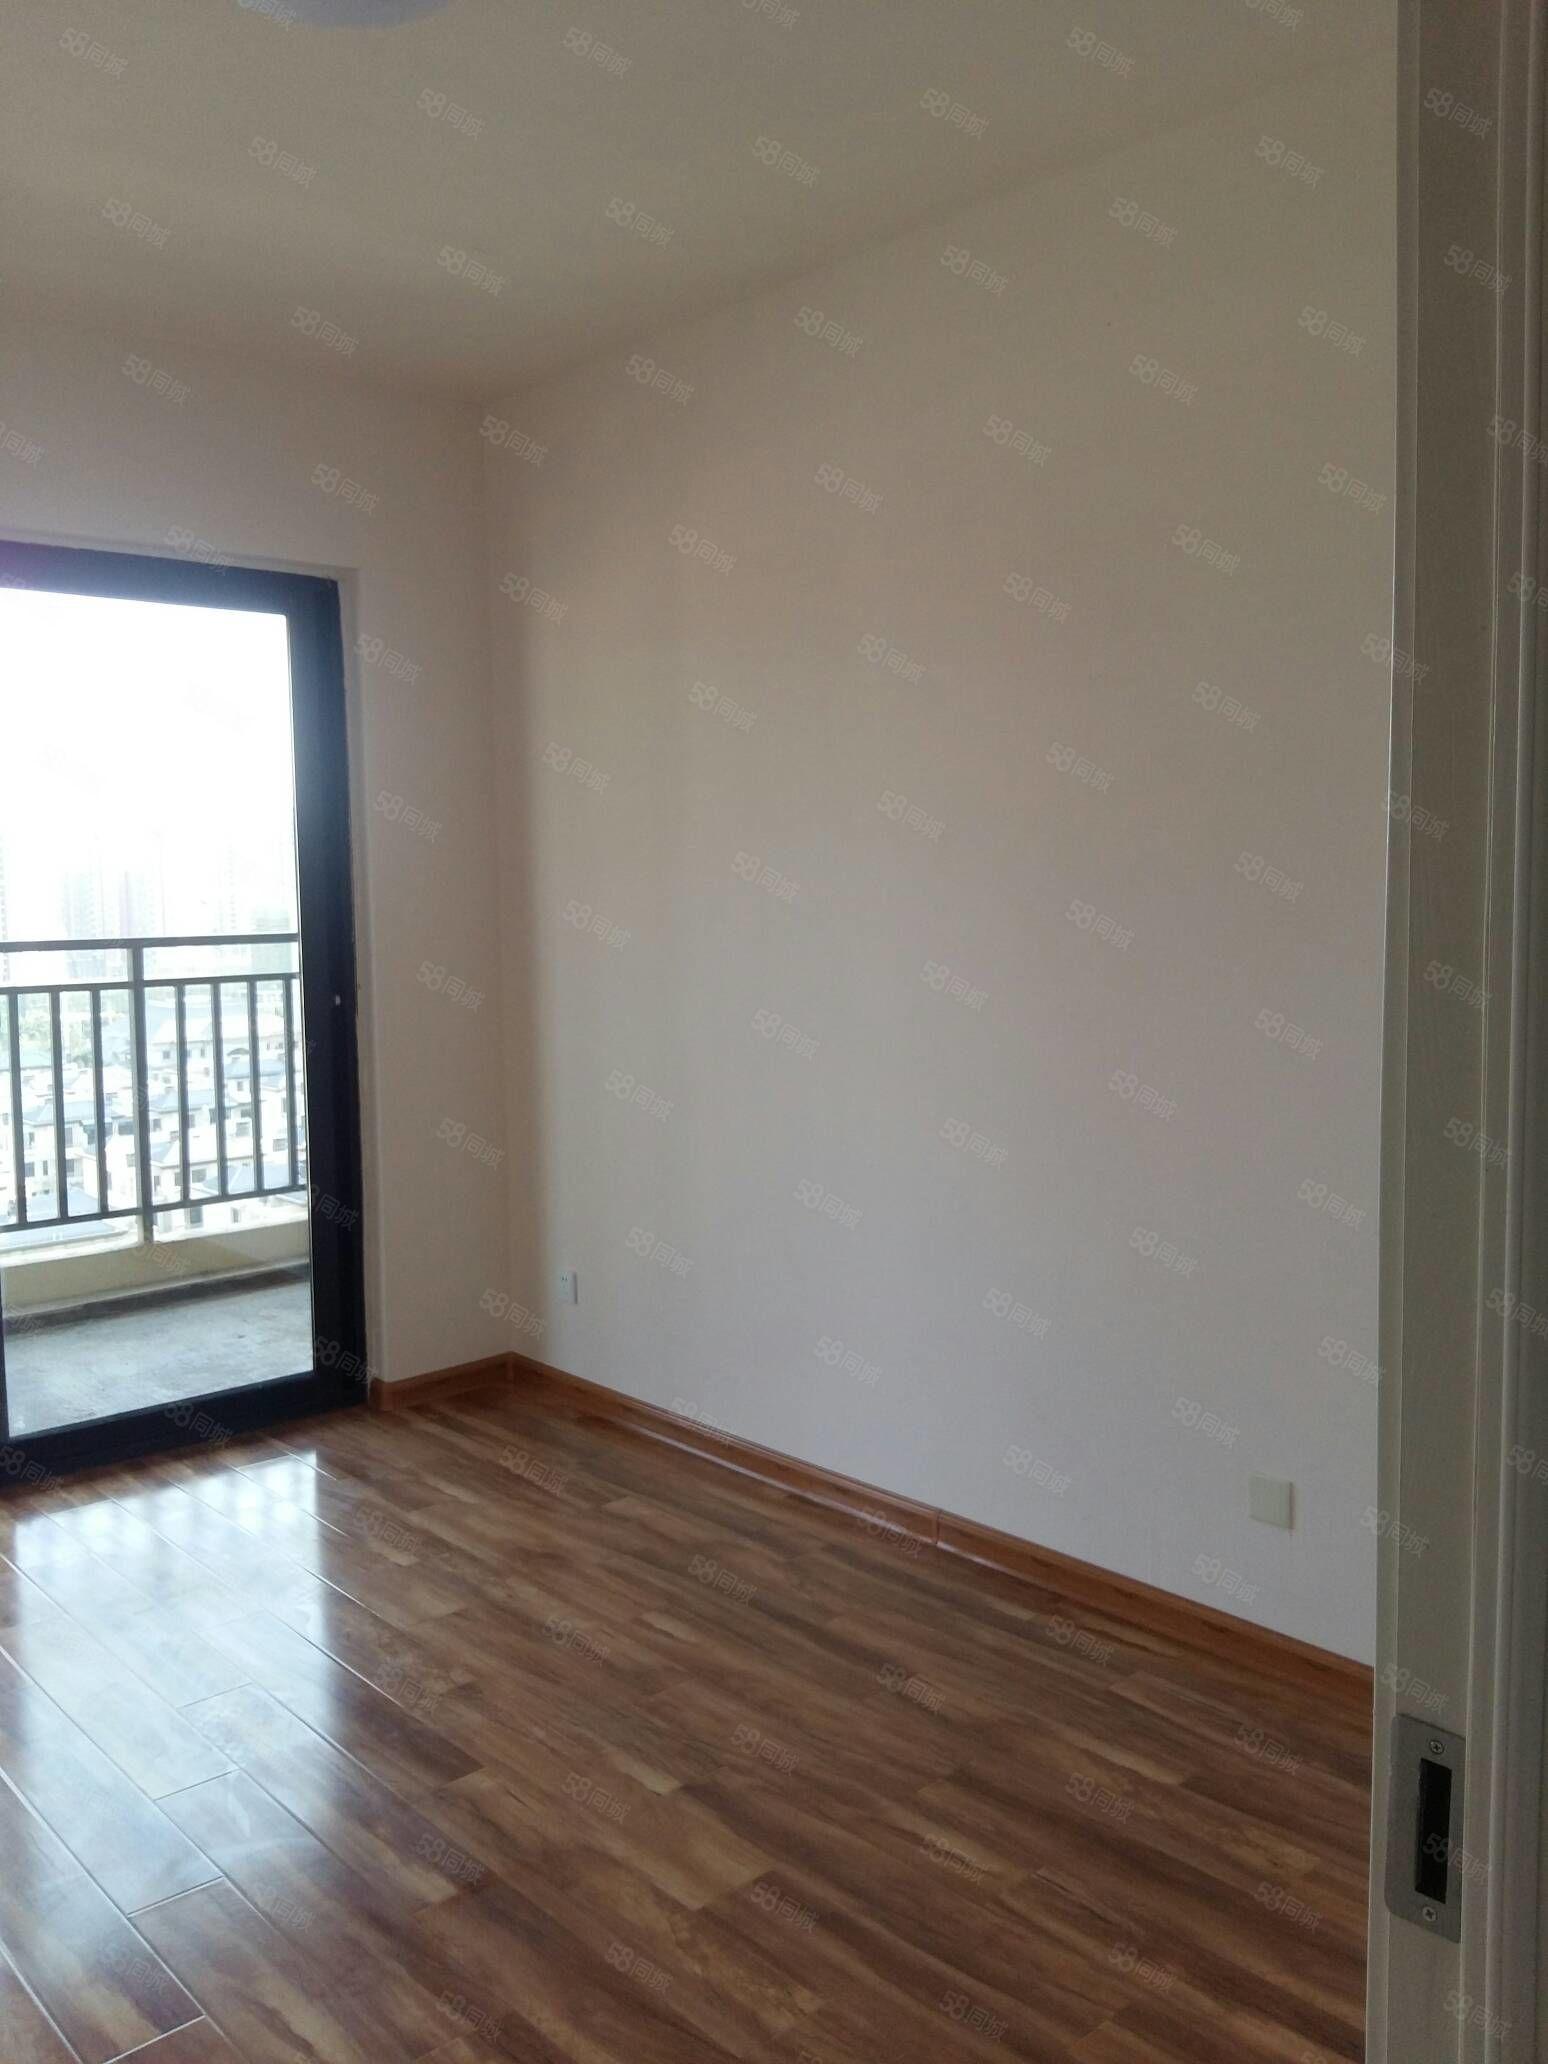 出租华府翡翠庄园三室一厅一卫新装修一次未住